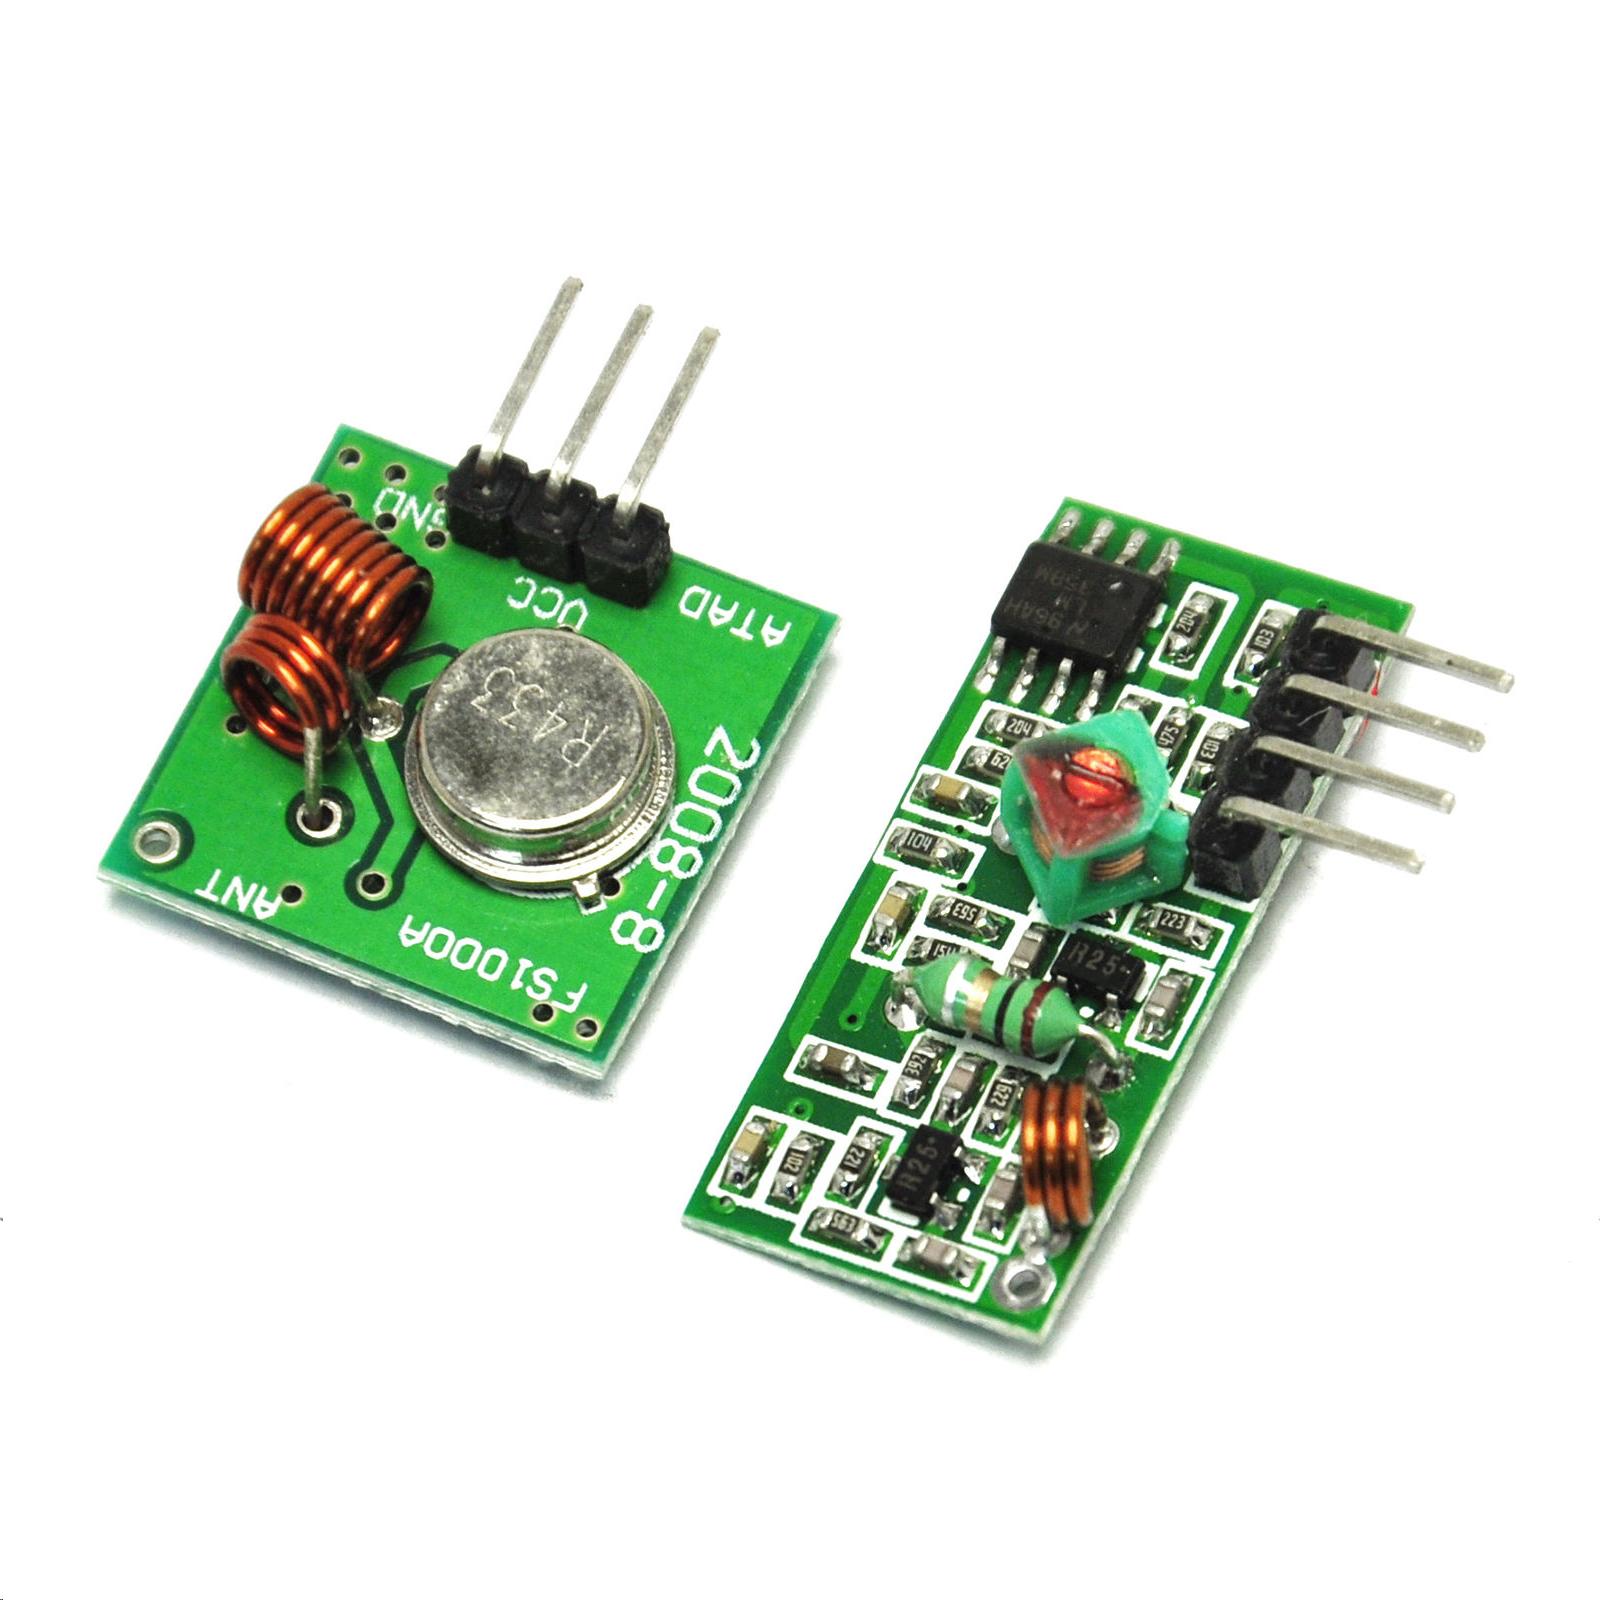 433Mhz RF modules